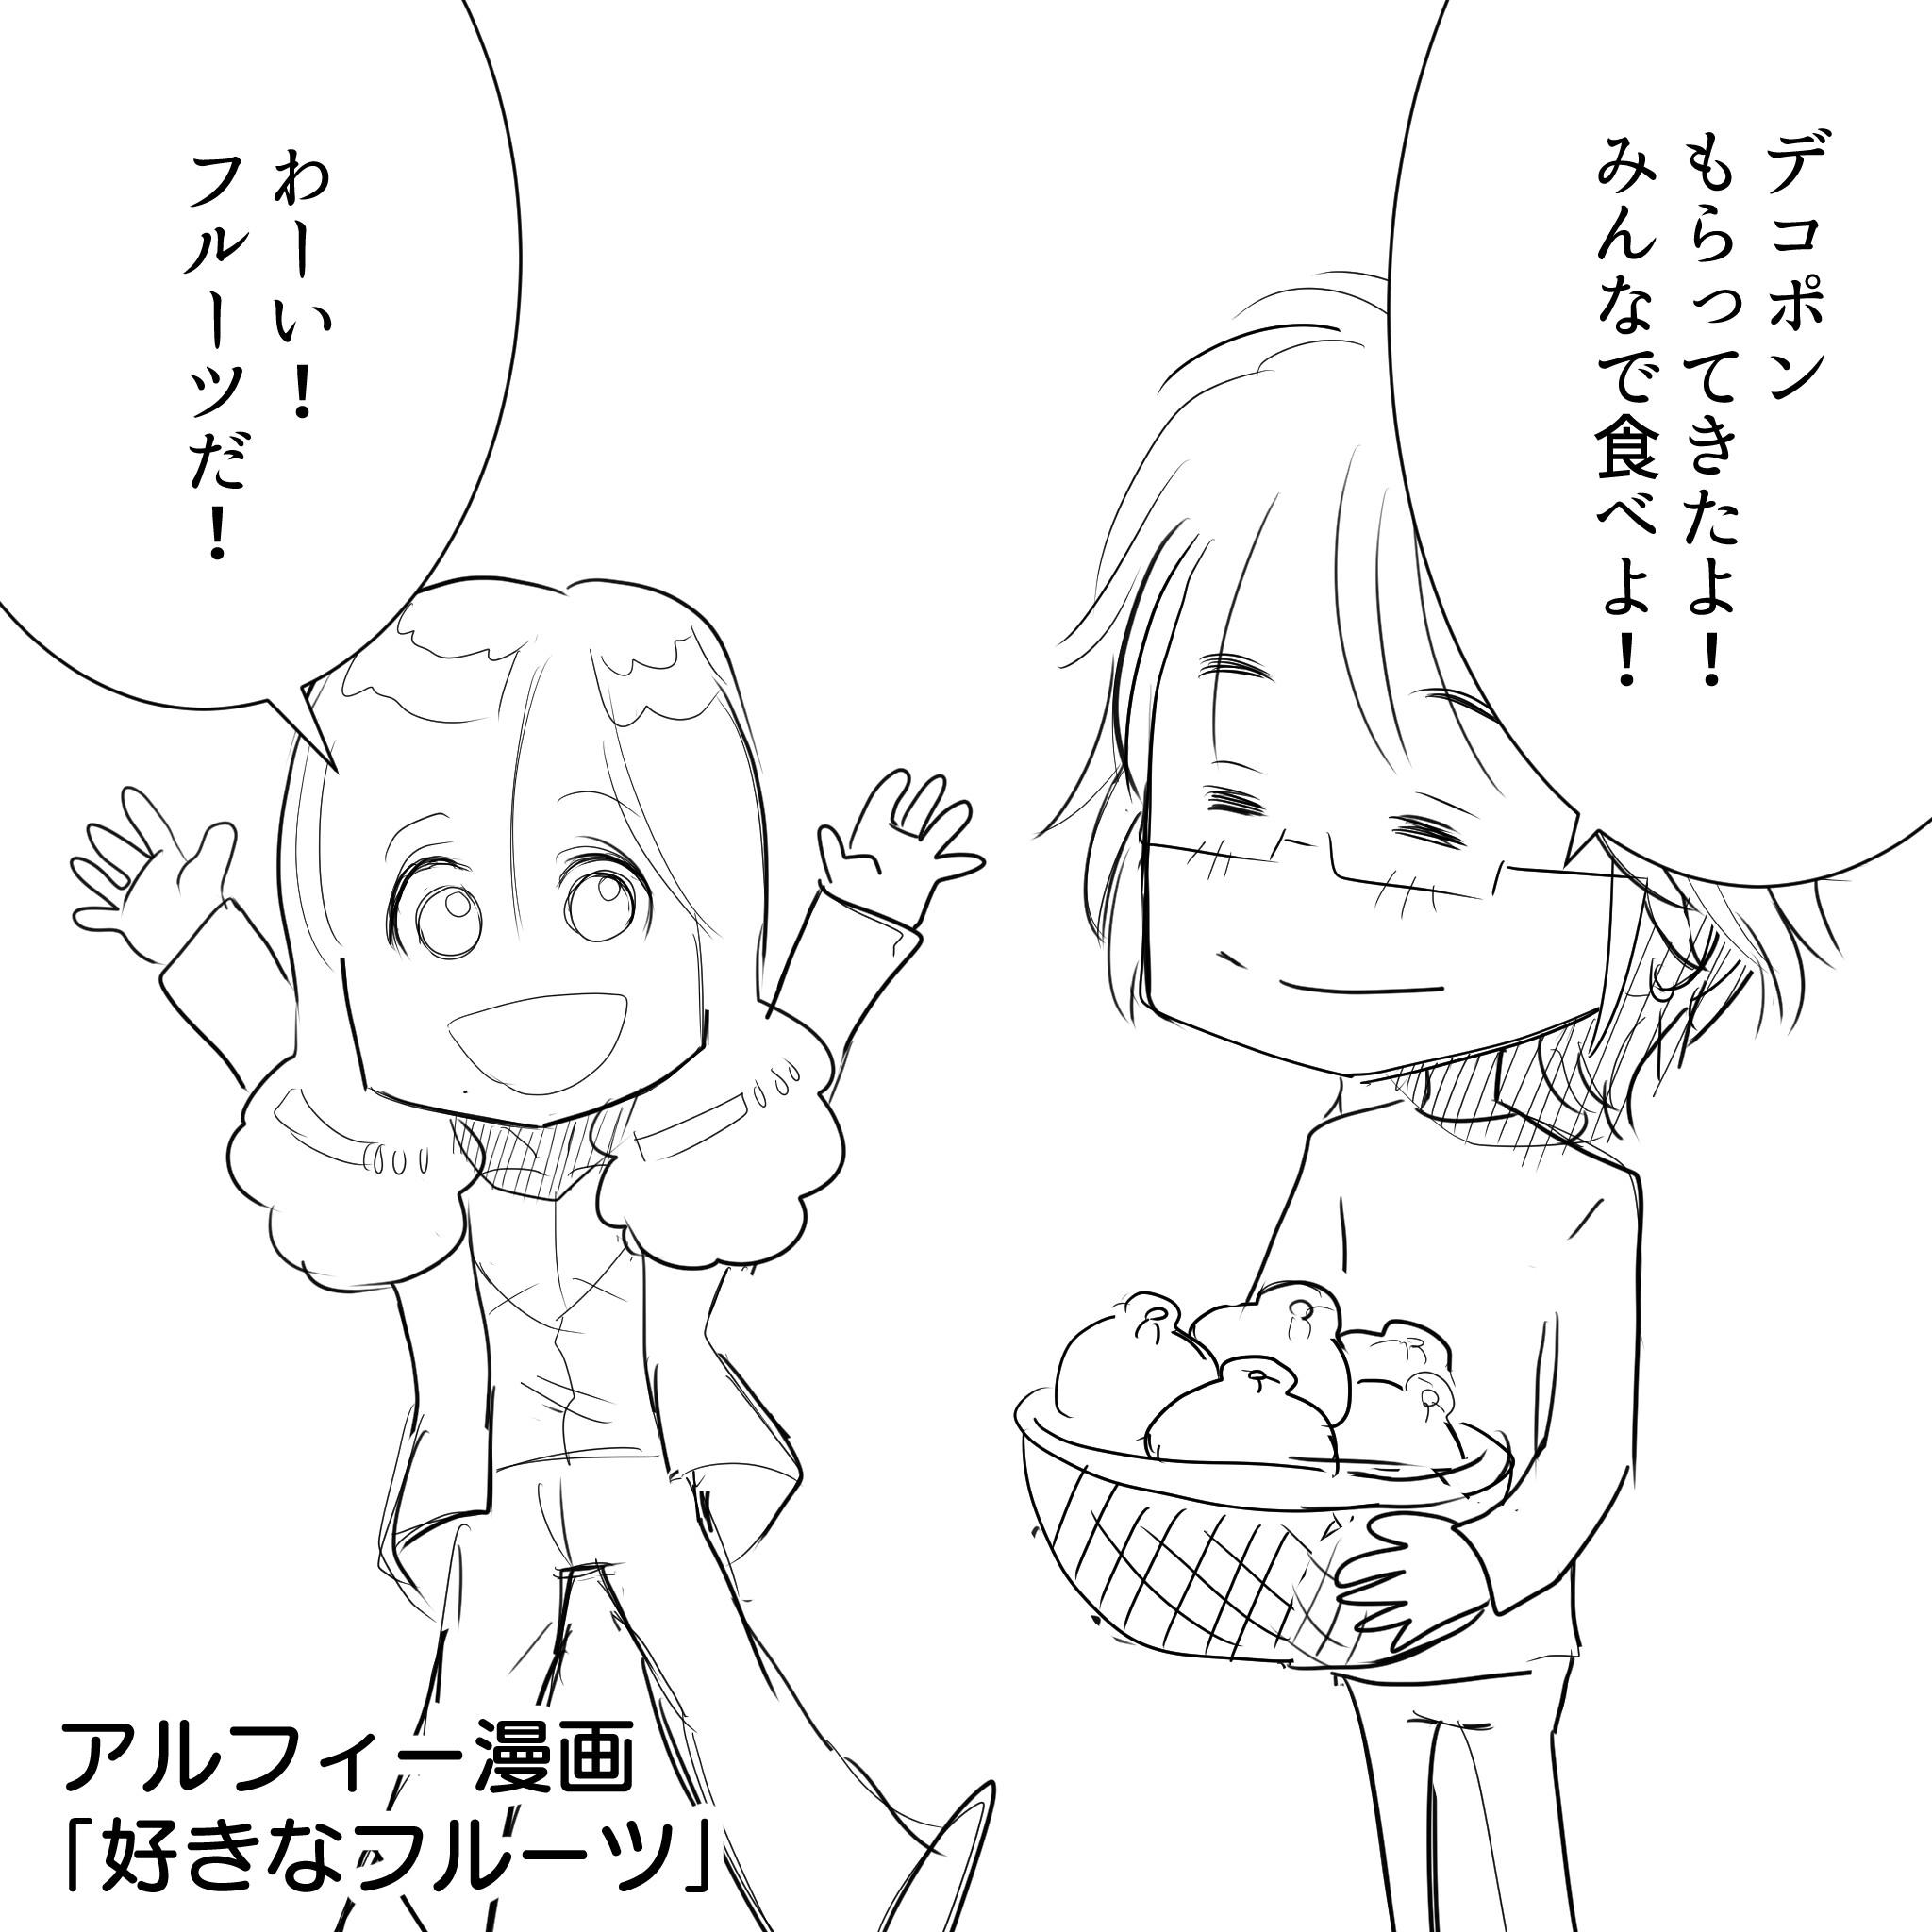 坂崎さんのすきなフルーツ1